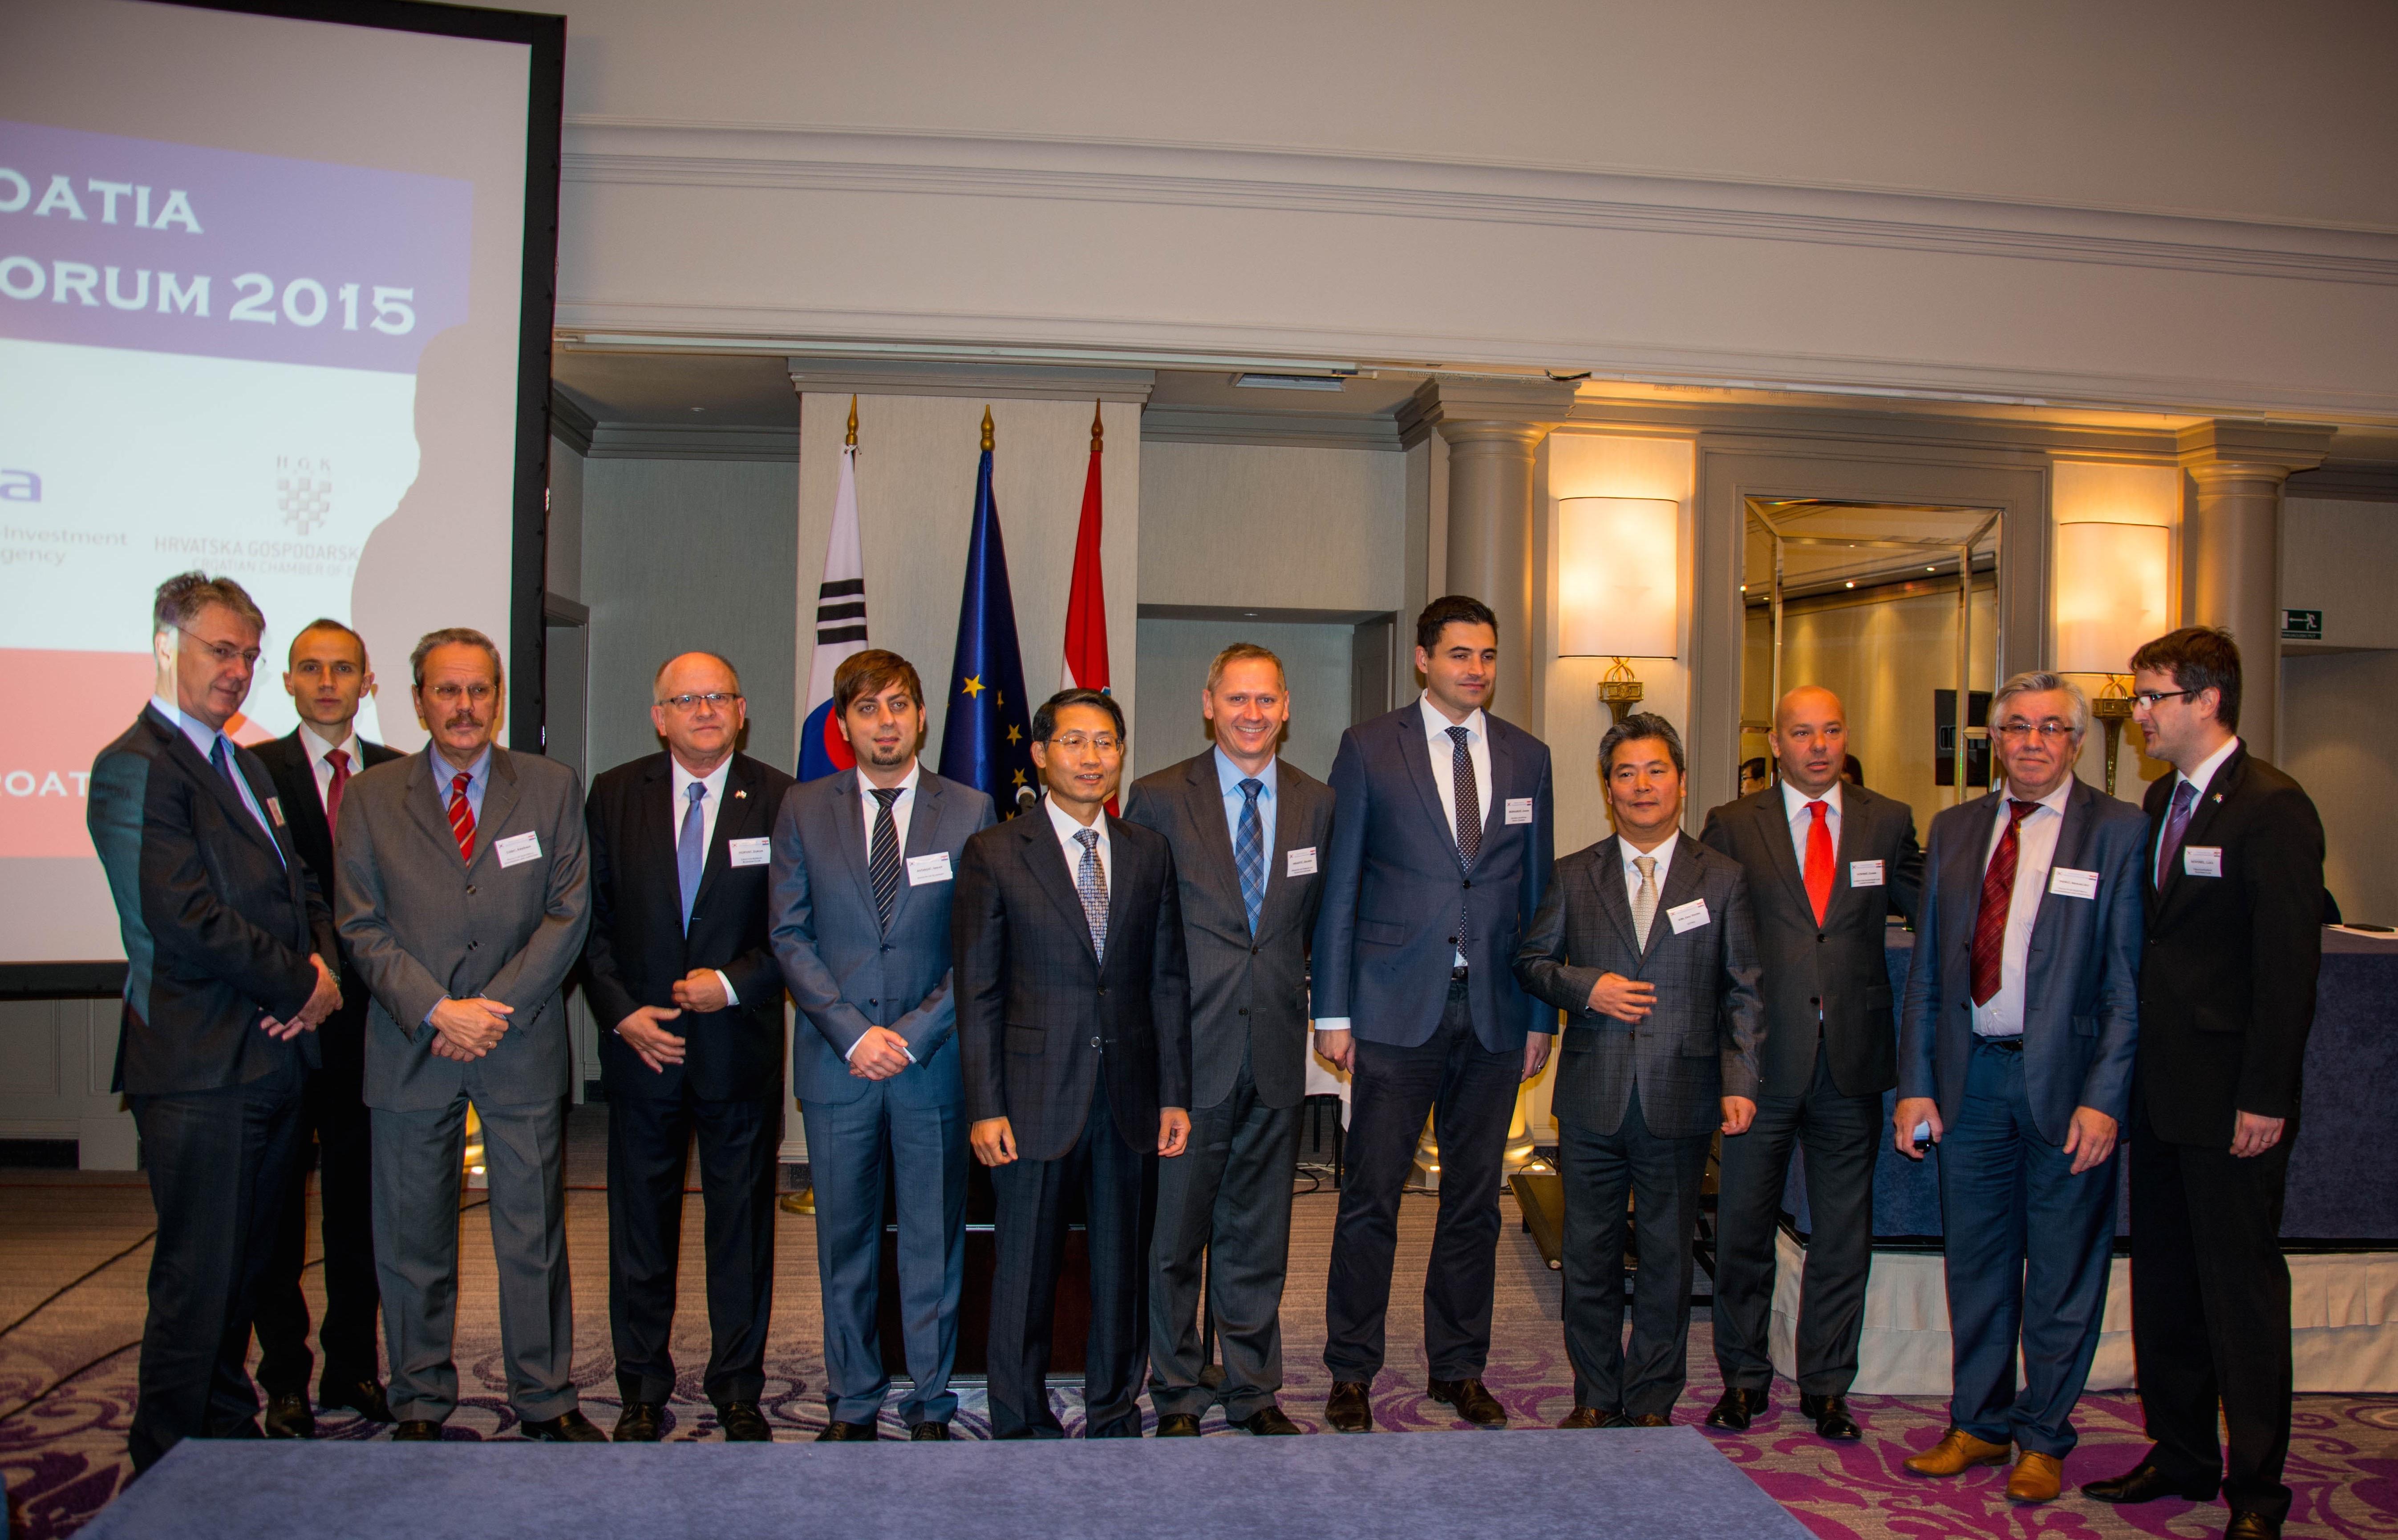 Korejsko hrvatski poslovni forum